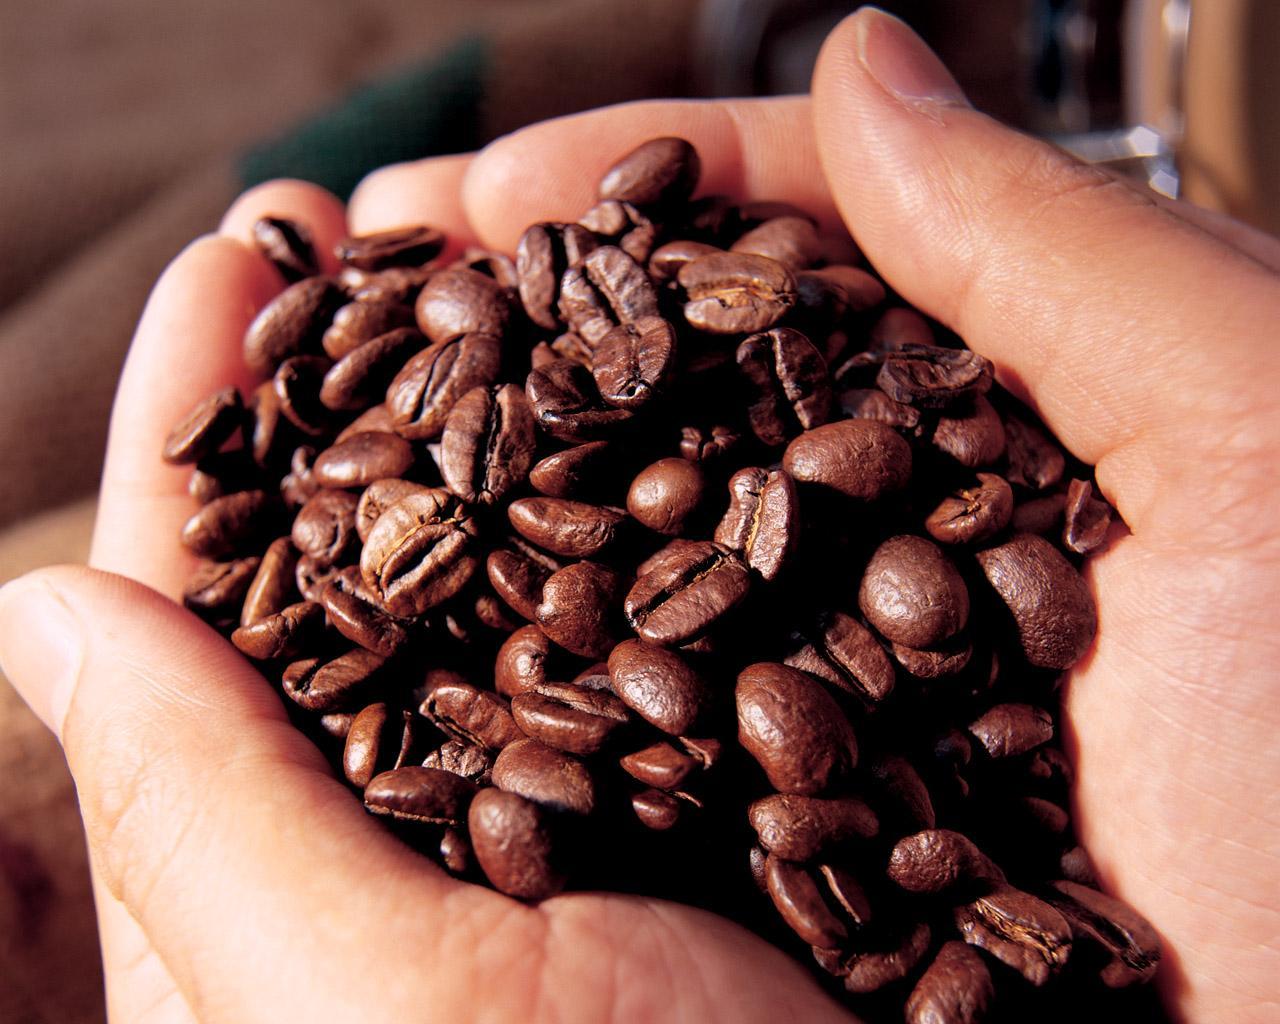 Vị đắng của cà phê đến từ nhiều hợp chất tự nhiên có sẵn hoặc tạo thành khi rang xay